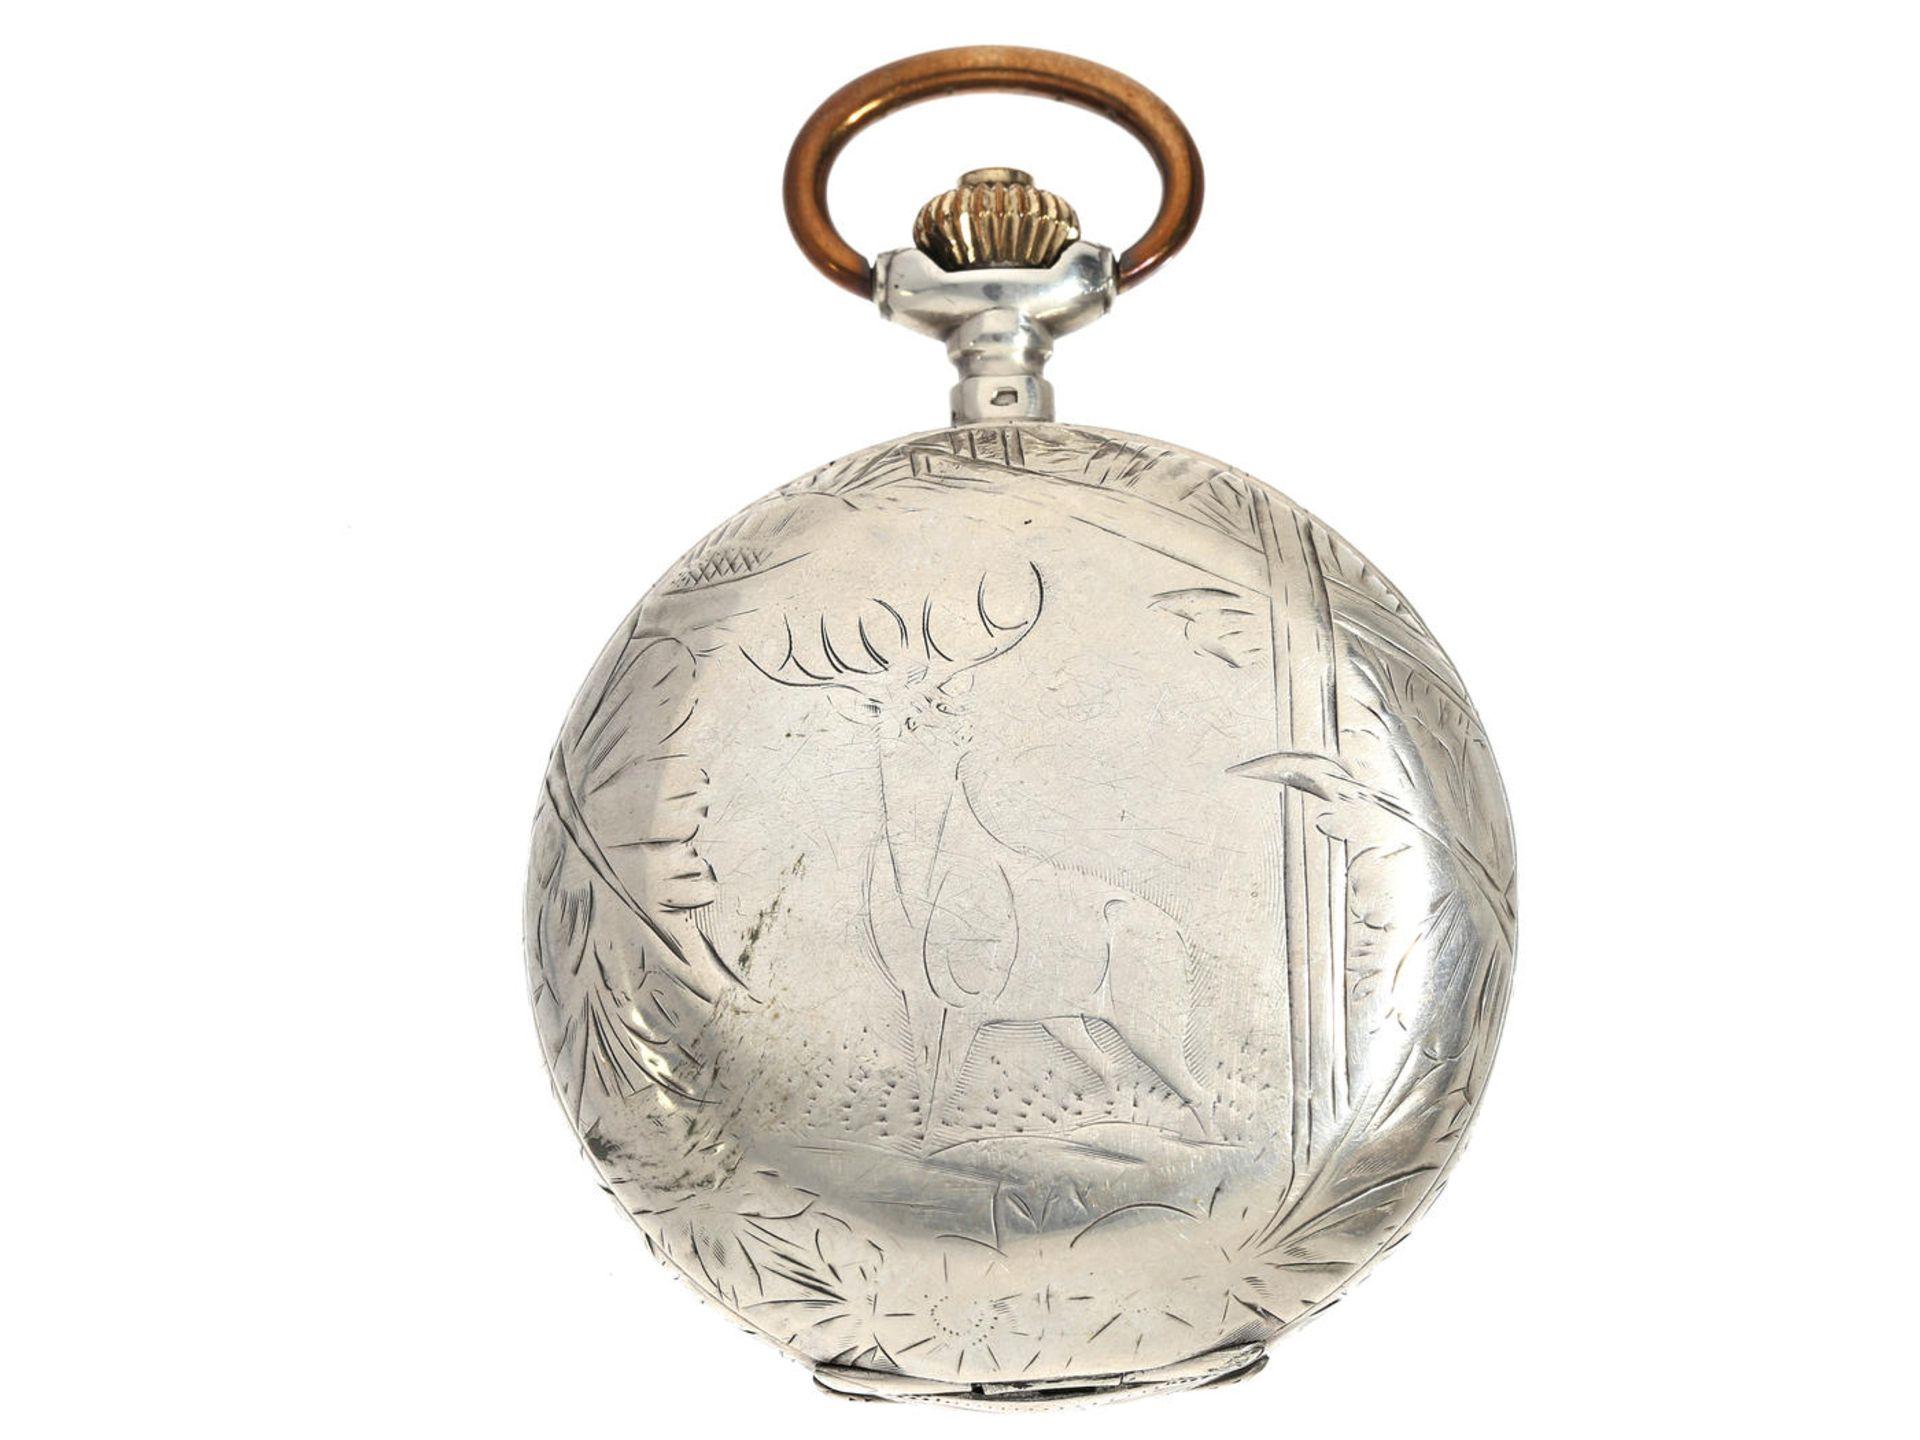 Taschenuhr: frühe Silbersavonnette mit graviertem Gehäuse und Präzisionswerk, Weber & Dubois La - Bild 3 aus 3